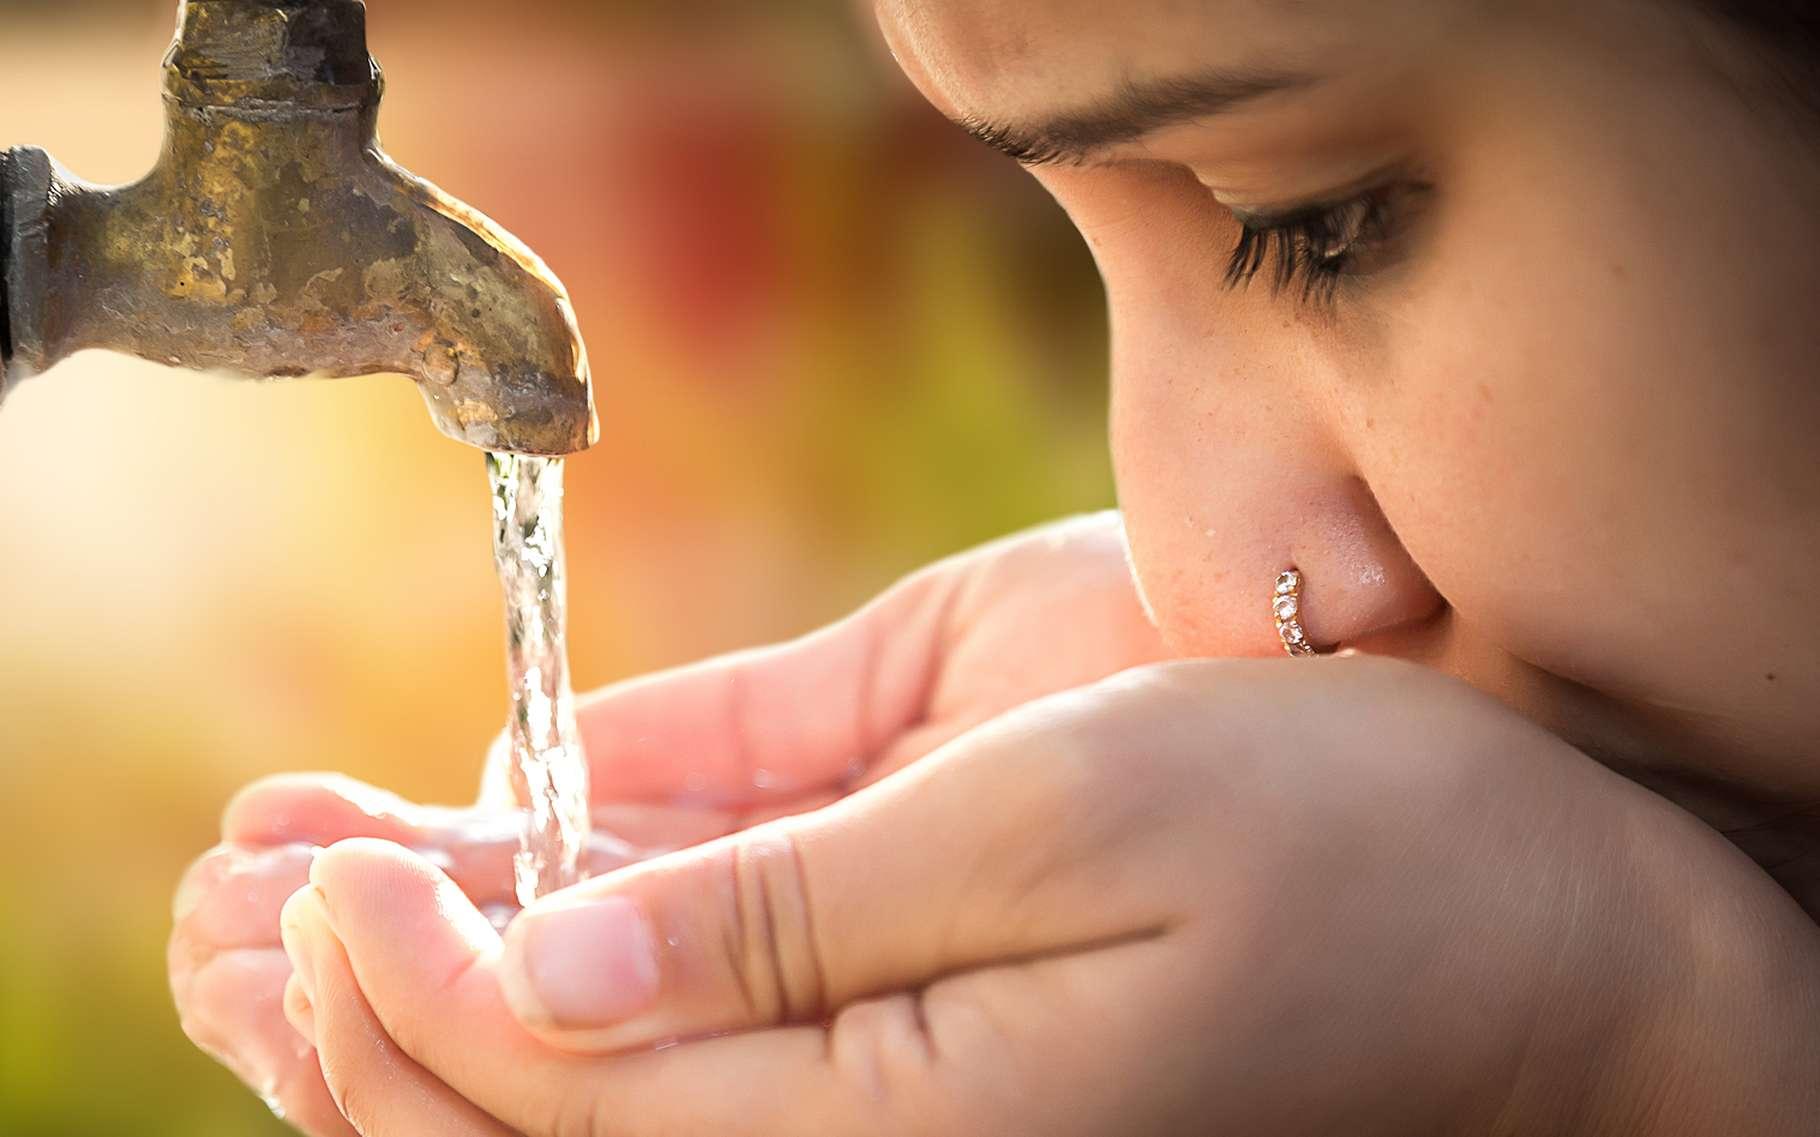 Sur les 145 litres d'eau potable qu'un Français consomme par jour, seul 1 % est bu. © greenaperture, Shutterstock